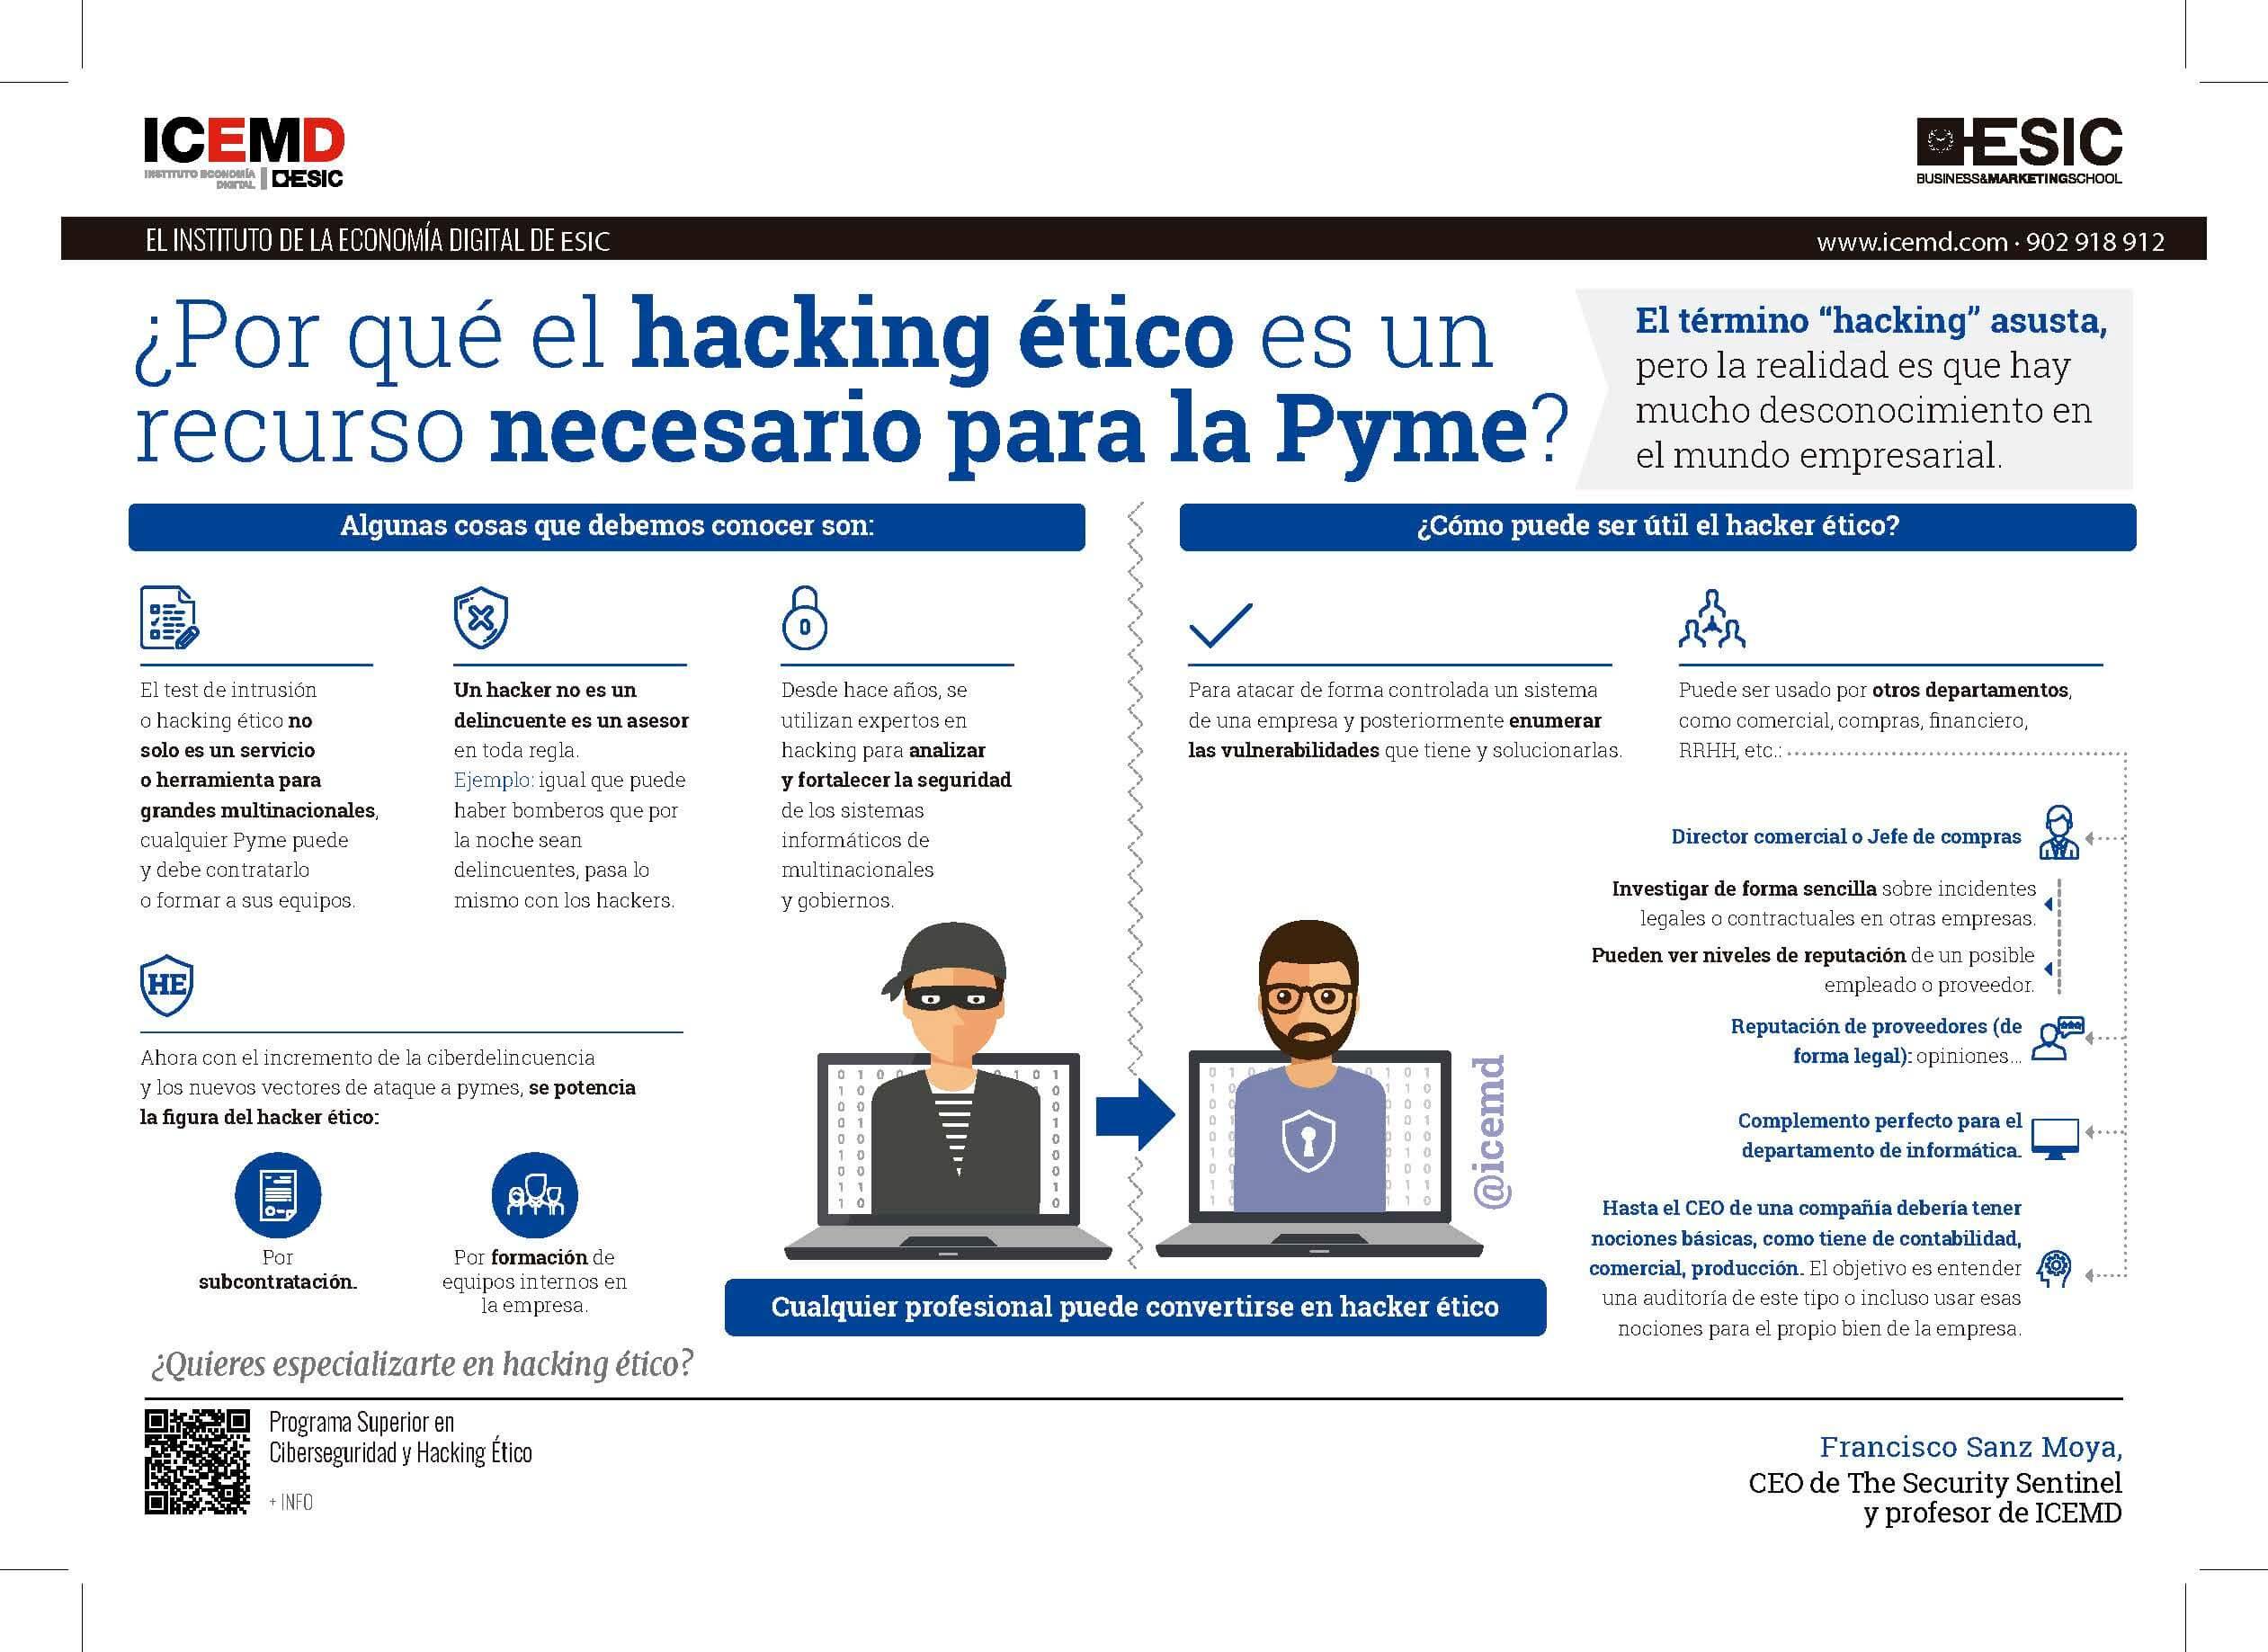 ¿Por qué el hacking ético es un recurso esencial para una pyme?